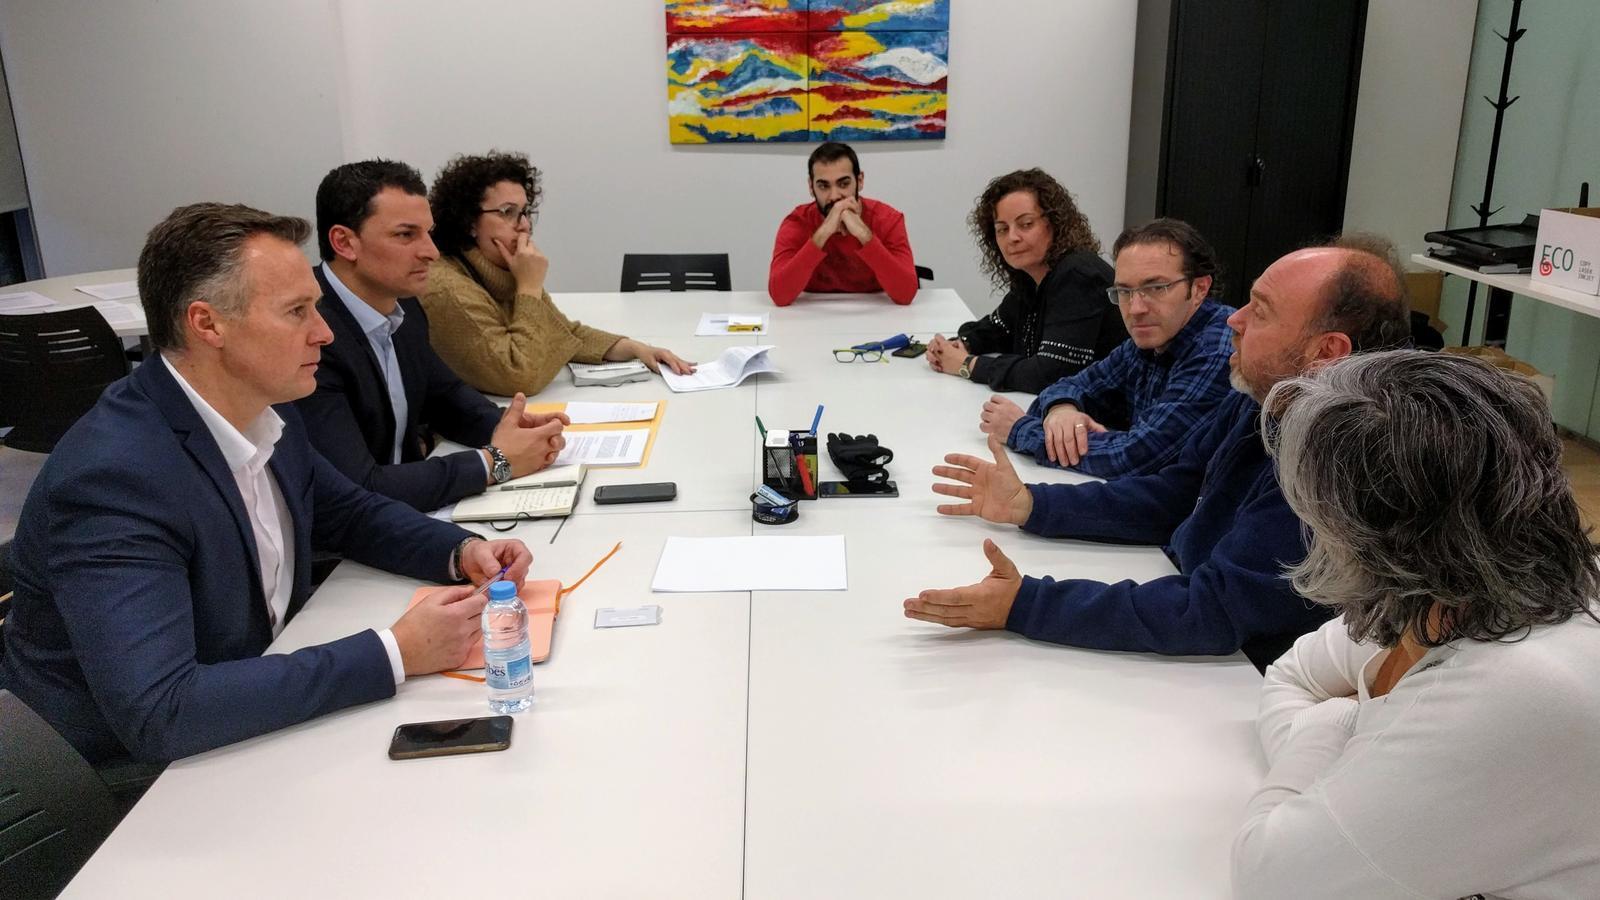 Un moment de la trobada entre els consellers liberals i els representants dels treballadors públics. / LIBERALS D'ANDORRA